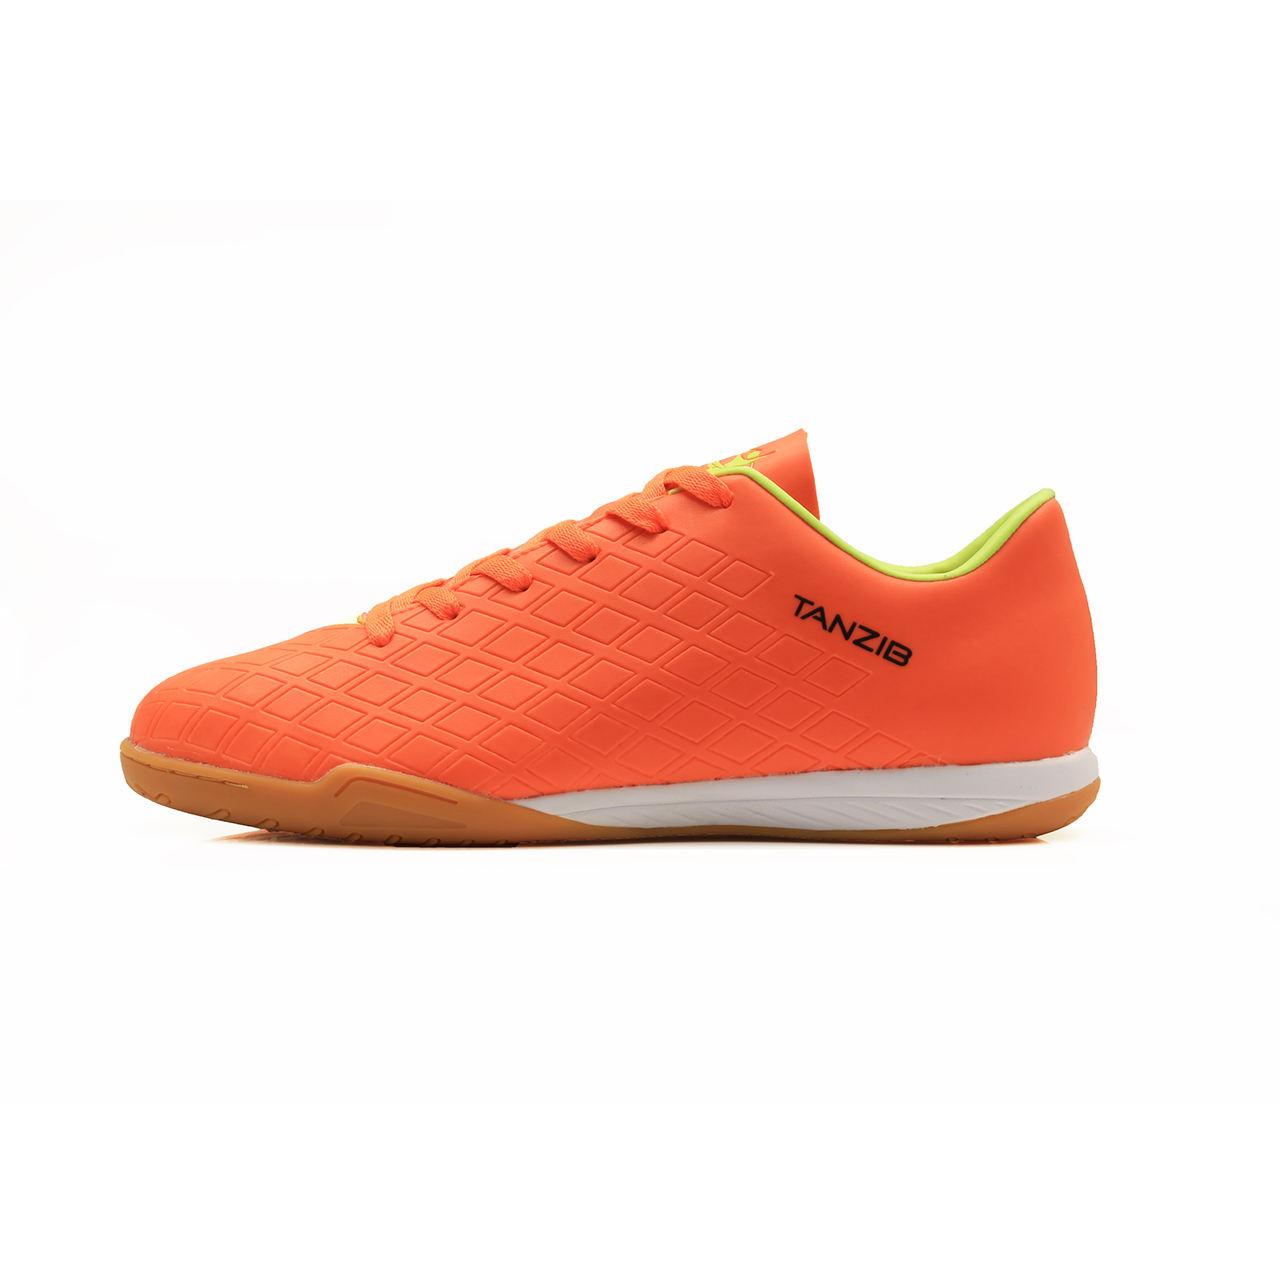 قیمت کفش فوتسال مردانه تن زیب مدل TID9606